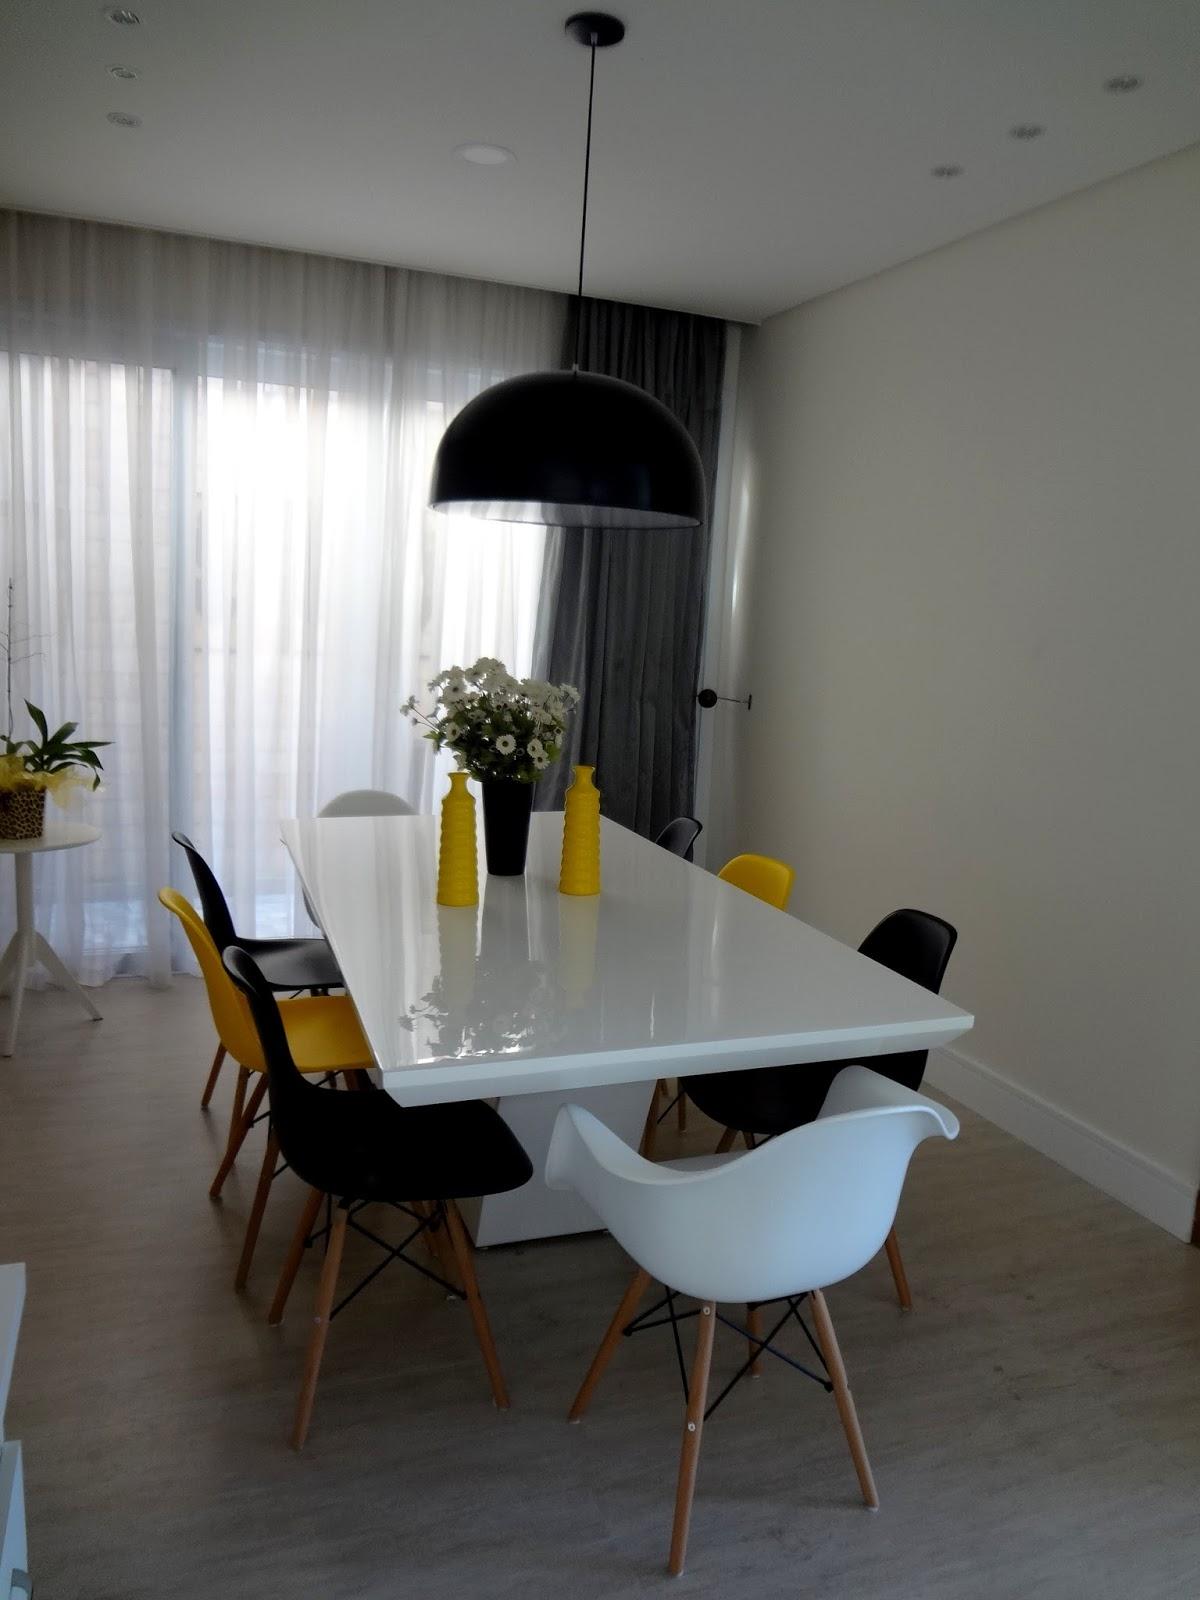 Mesa resina tampo mesa mosaico e mesa em travertino fone vendas 11 96025 7618 modelos de mesa - Mesas de exterior de resina ...